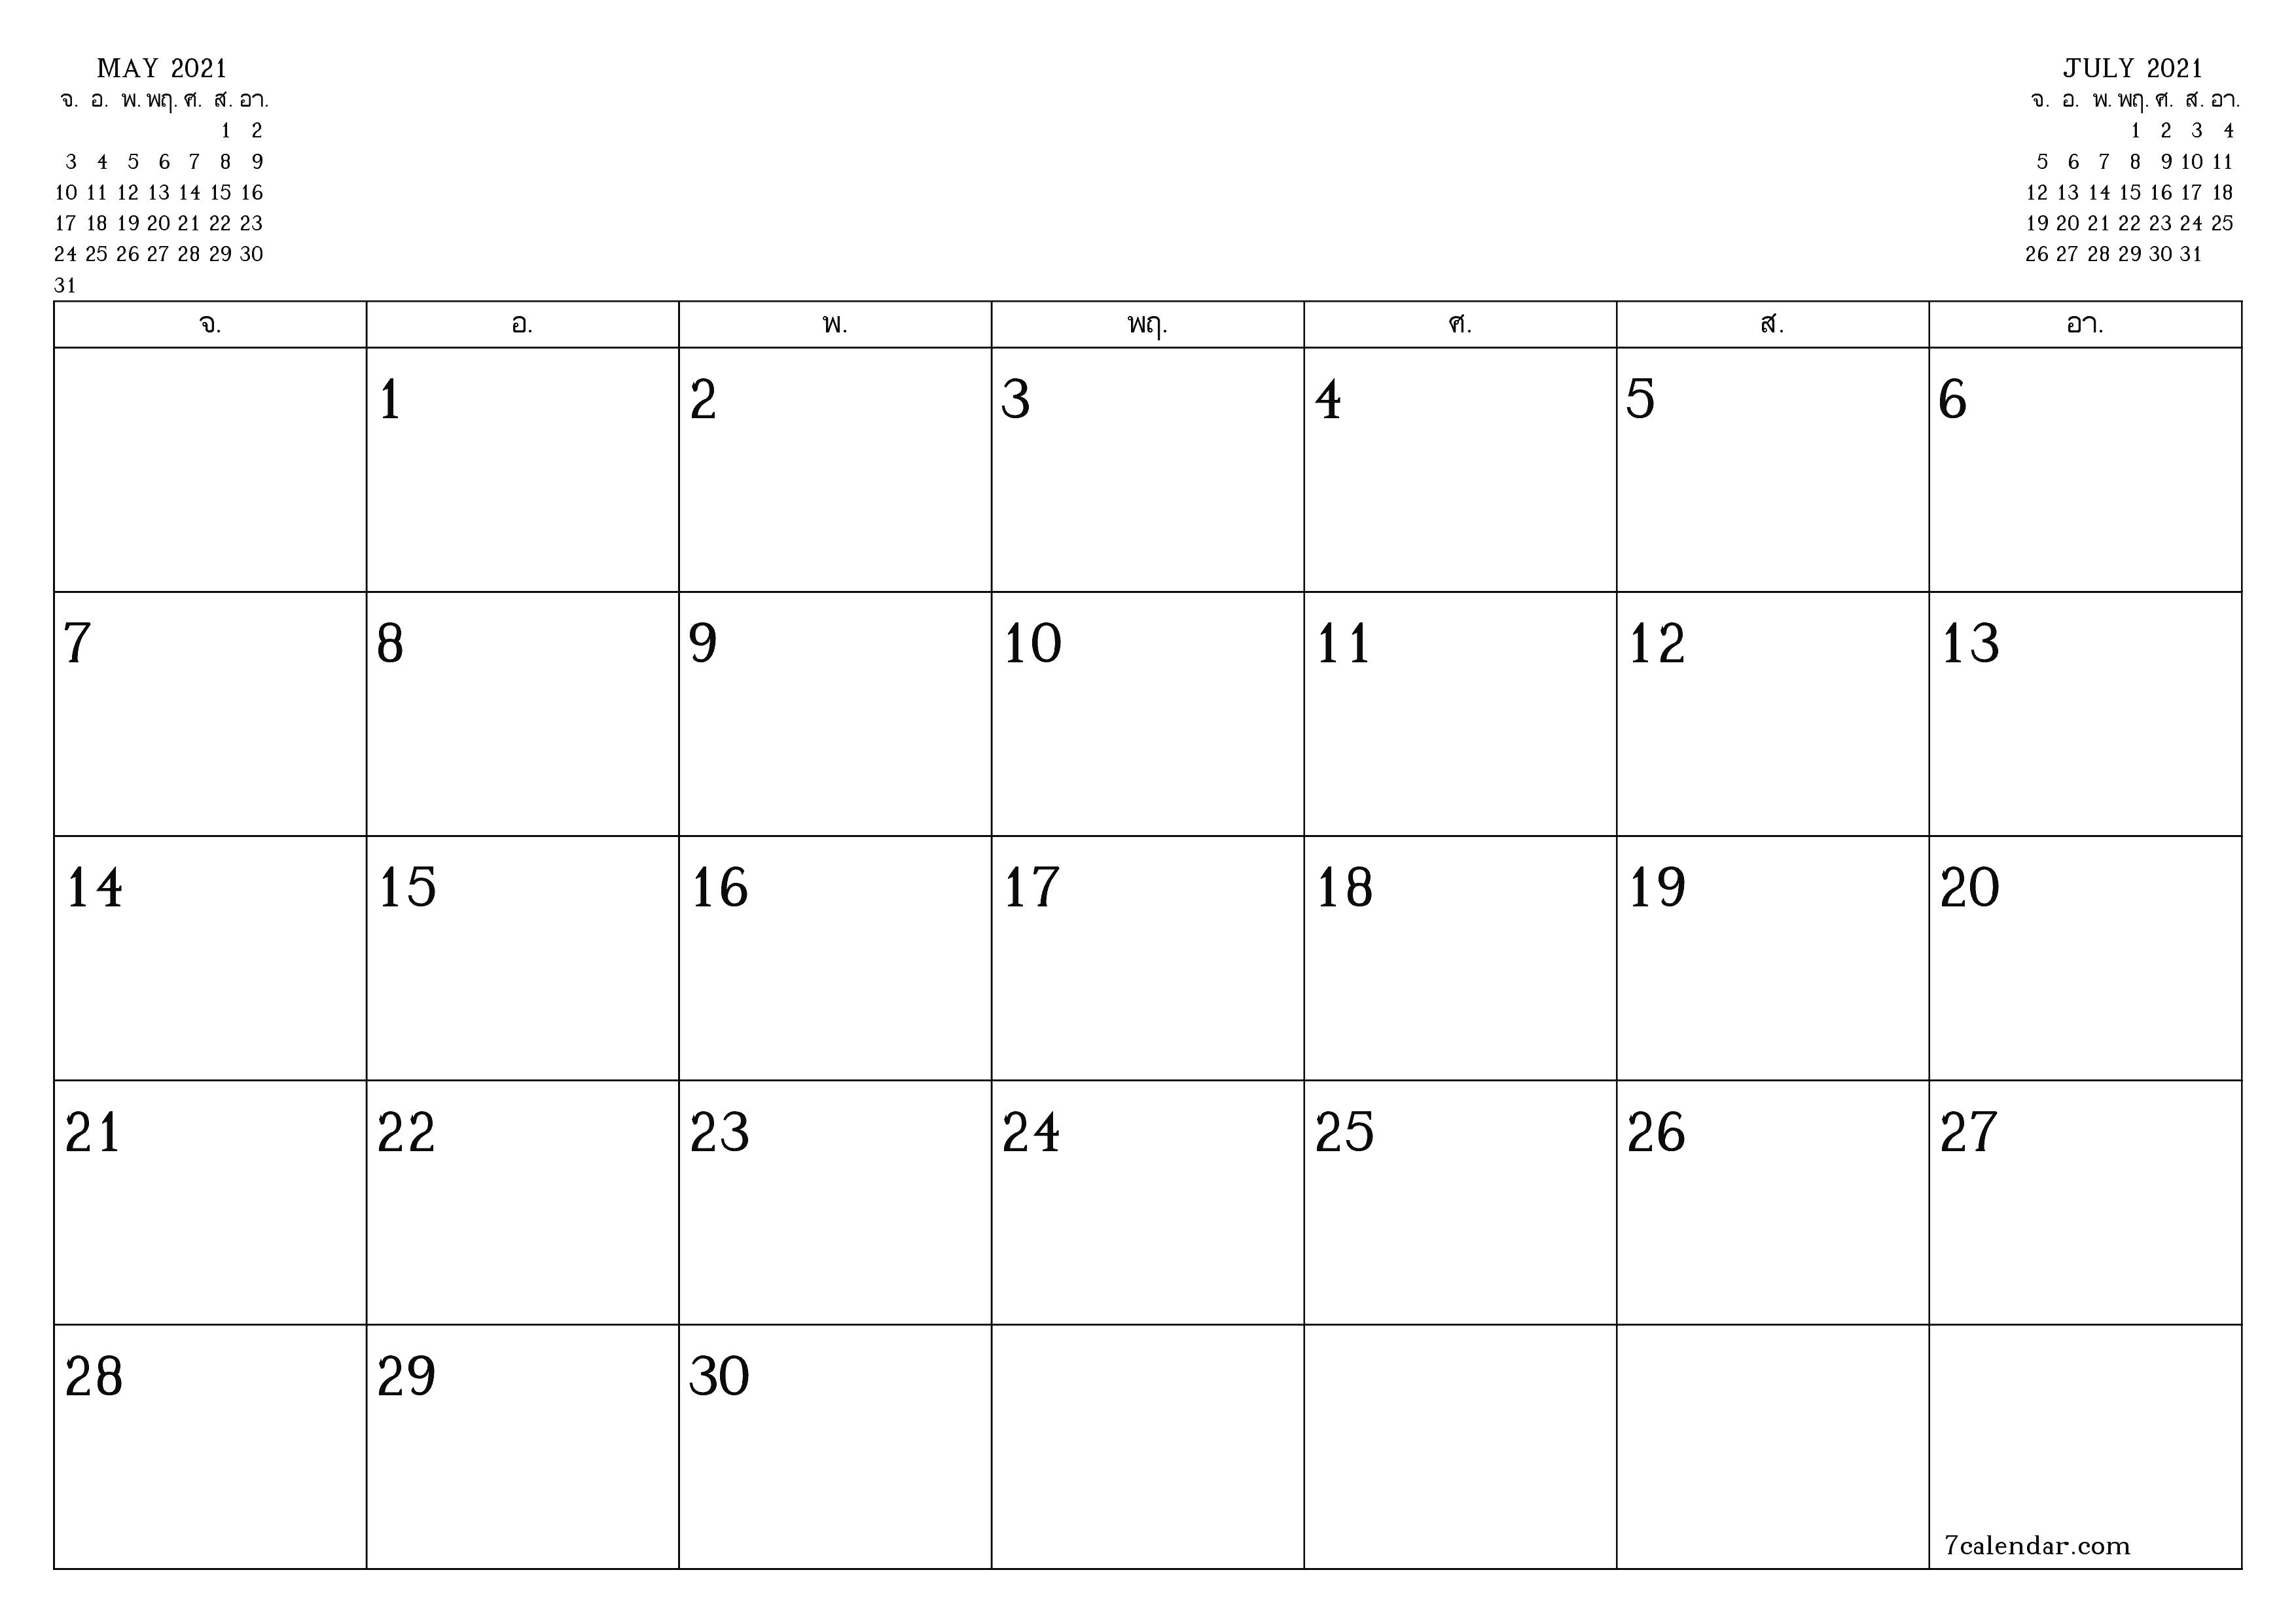 พิมพ์ปฏิทินและแพลนเนอร์ มิถุนายน 2021 A4, A3 เป็น PDF และ PNG - 7calendar